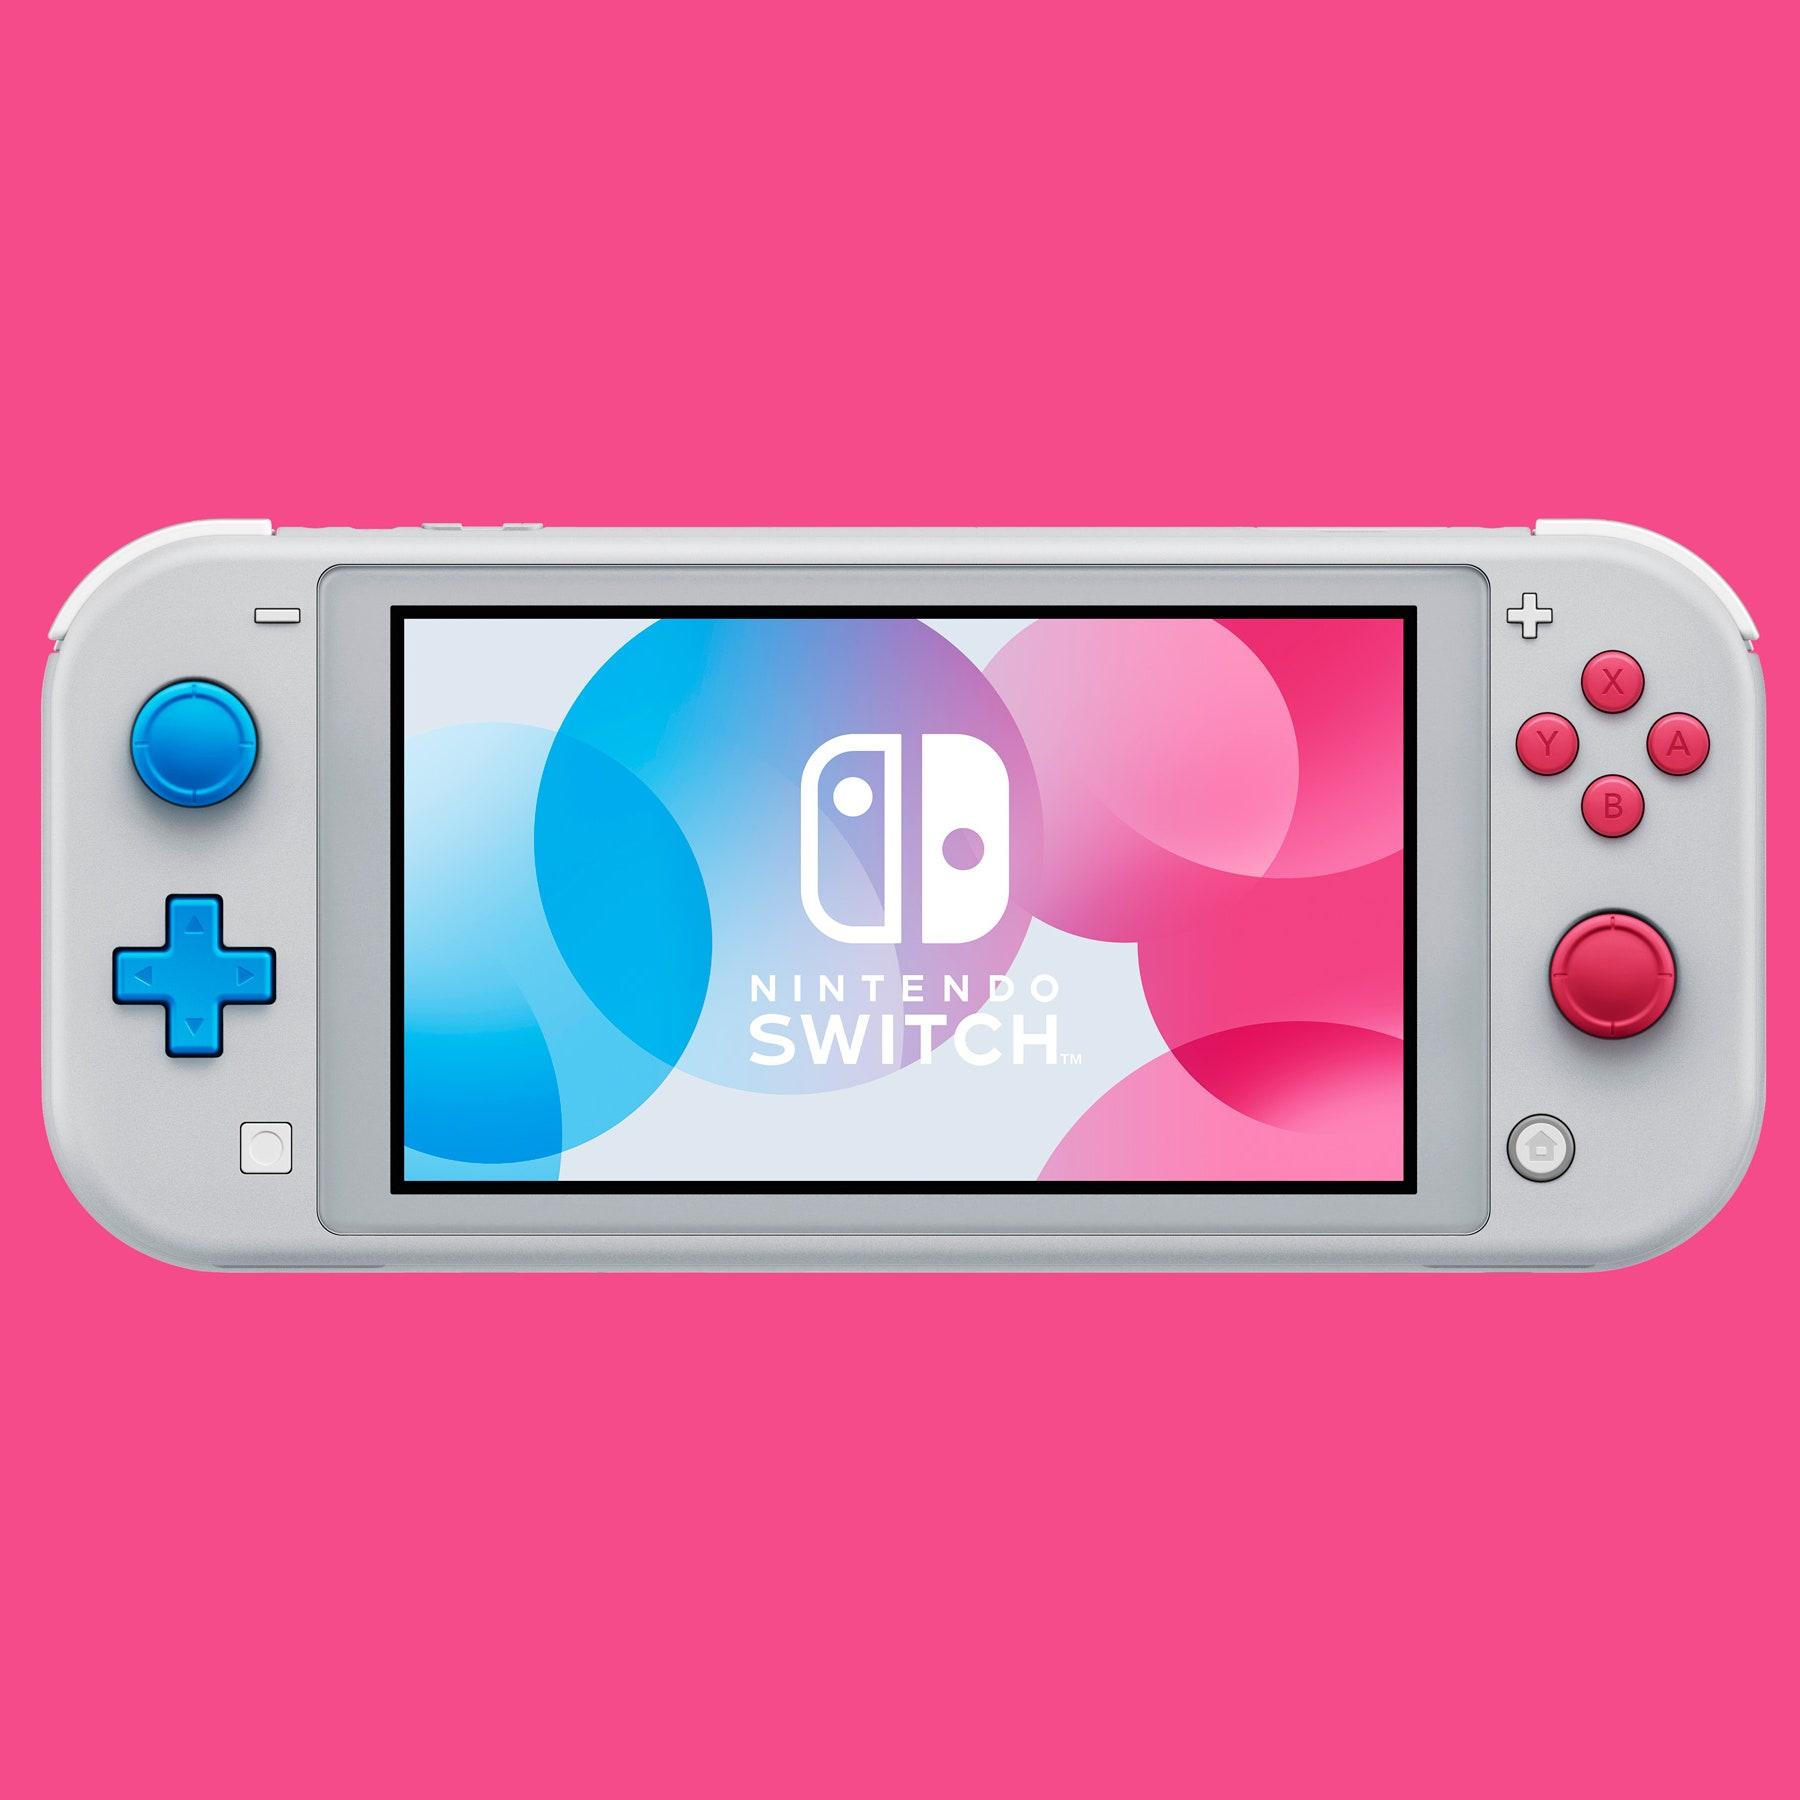 978 z³. Za tyle mo¿esz w tej chwili dostaæ konsolkê mobiln± Nintendo Switch Lite